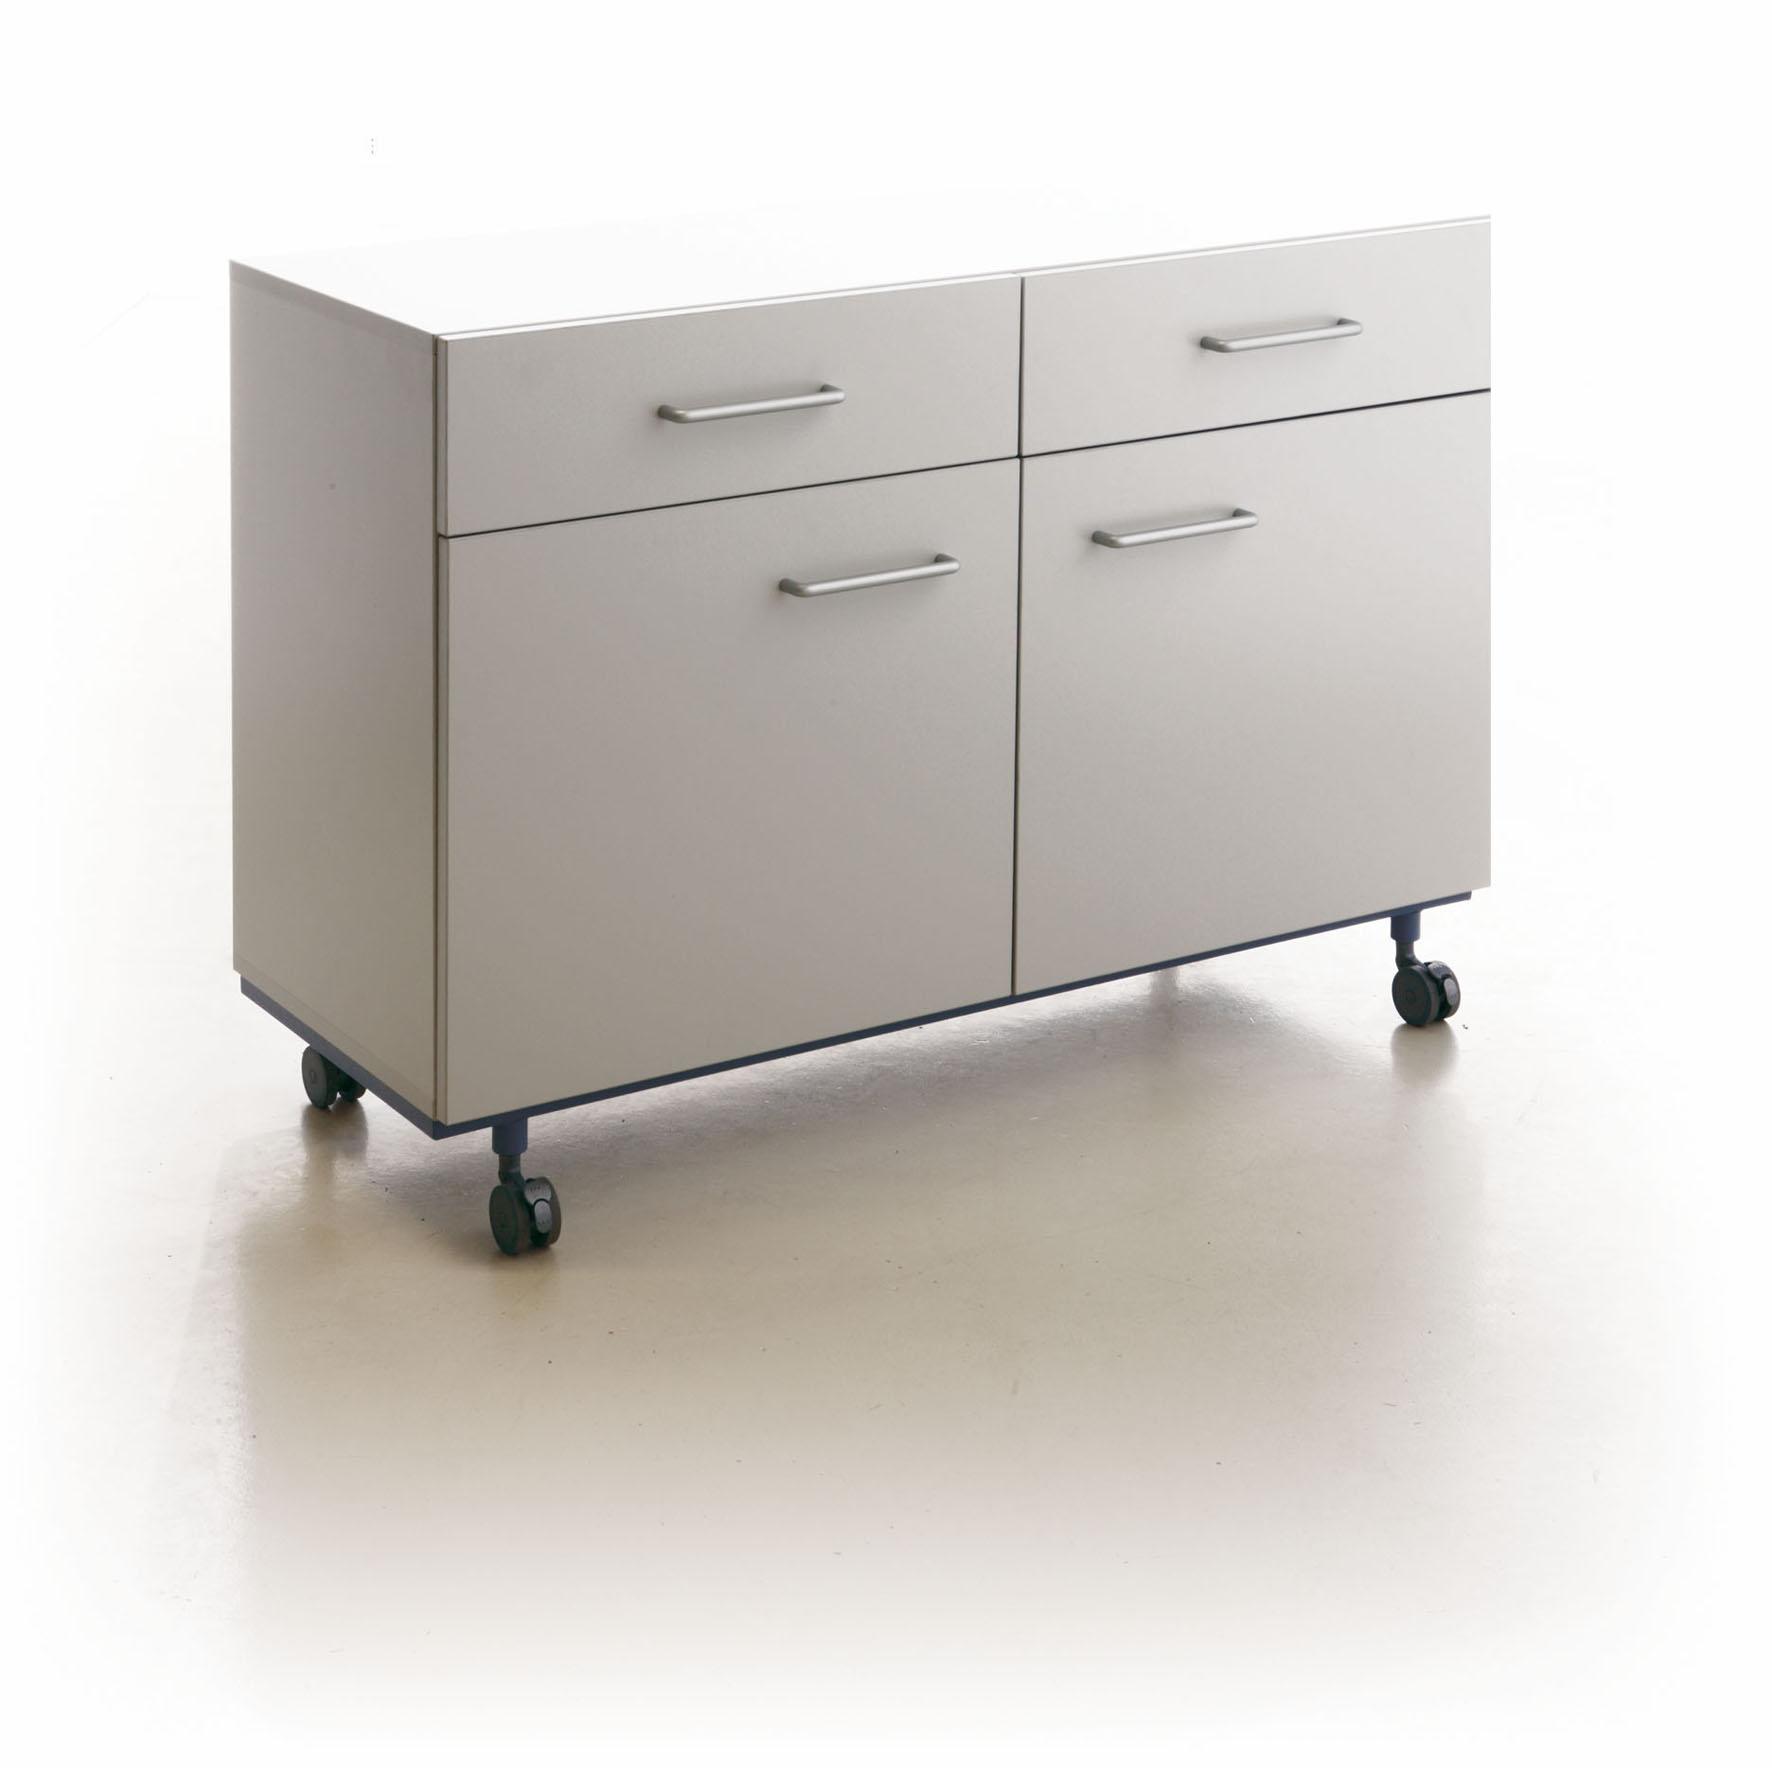 Talassi arredamenti mobiliario t cnico modular y for Mobiliario ergonomico